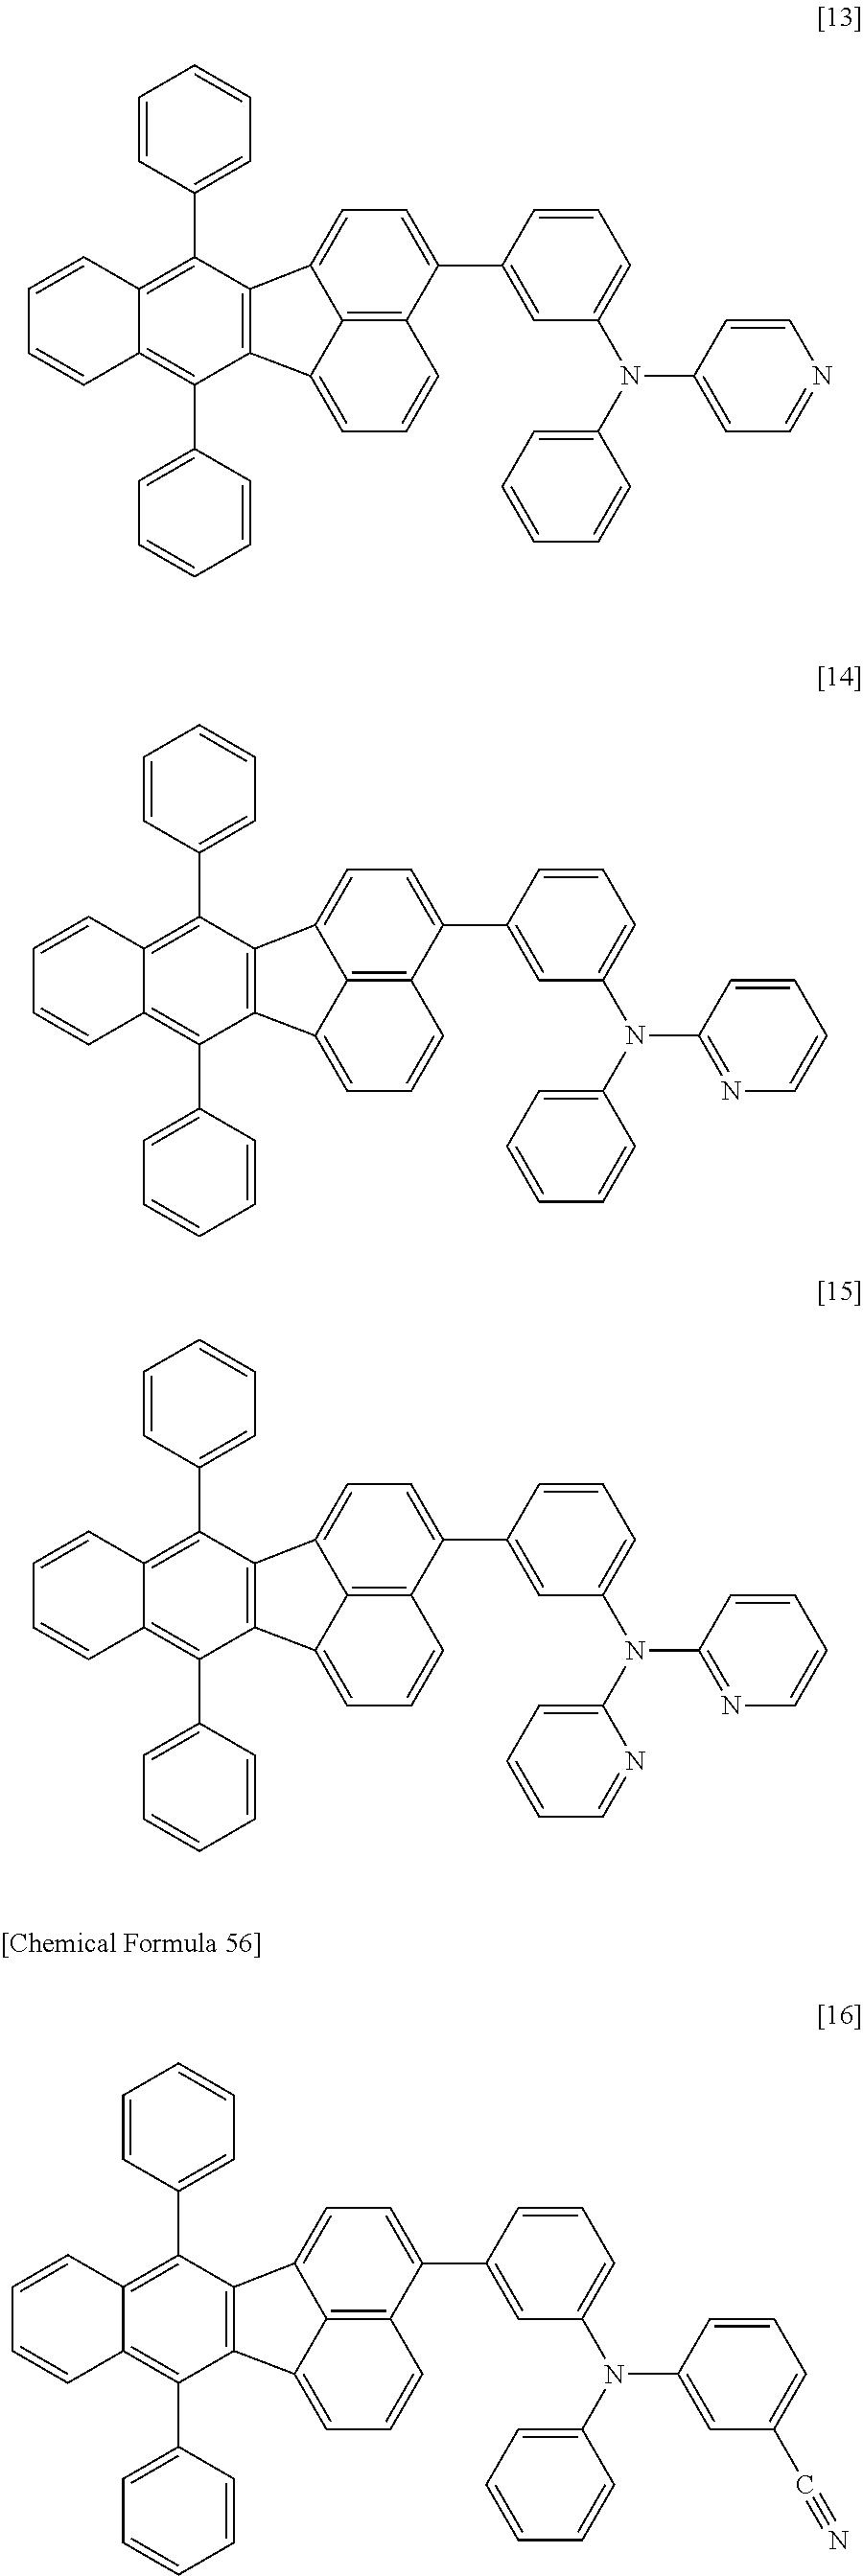 Figure US20150280139A1-20151001-C00141